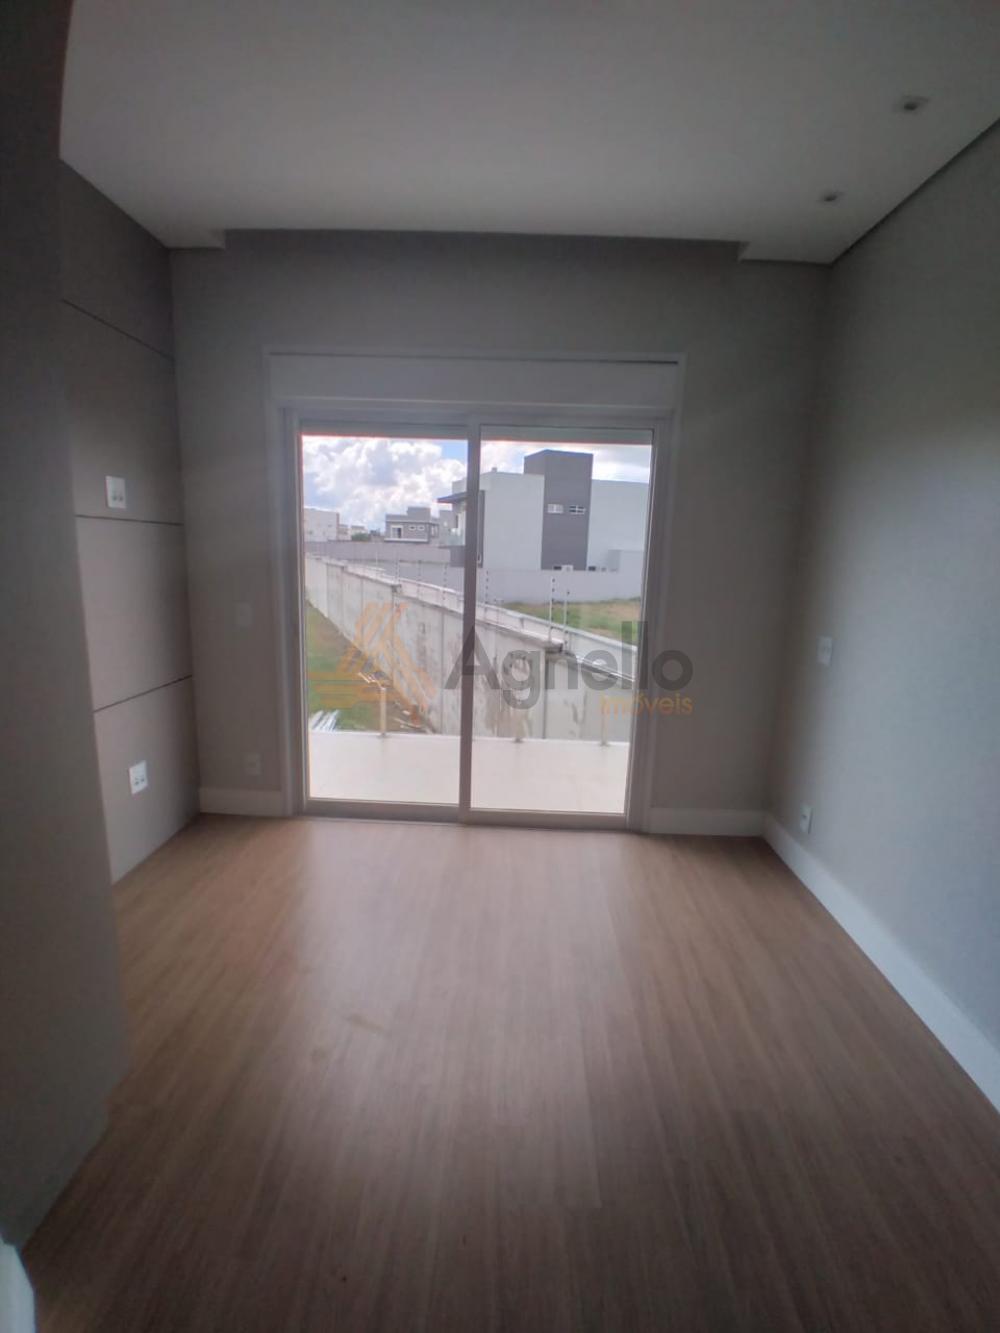 Comprar Casa / Condomínio em Franca apenas R$ 1.850.000,00 - Foto 17